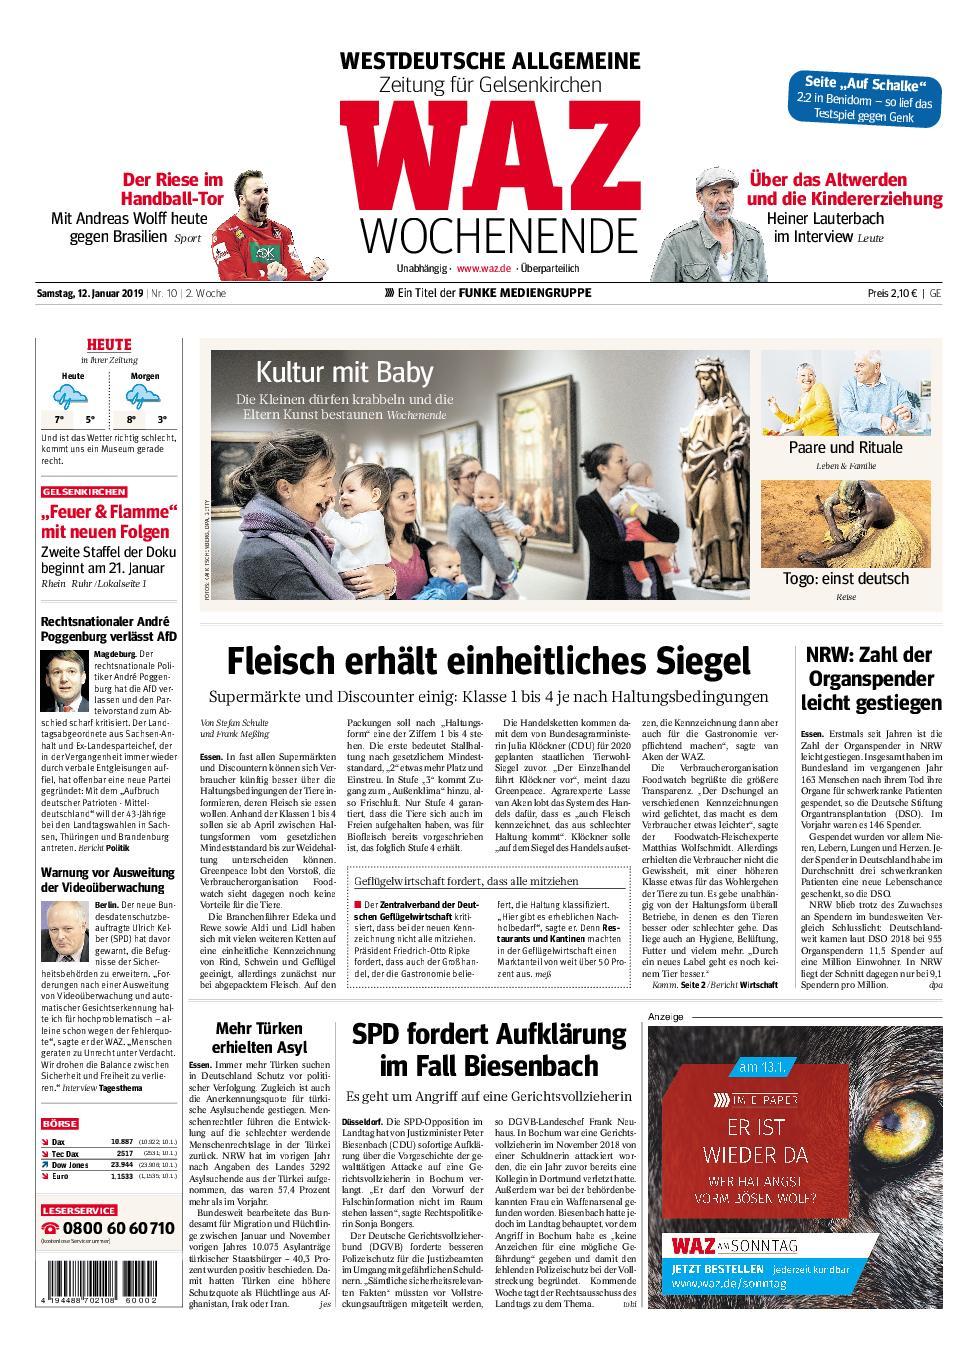 WAZ Westdeutsche Allgemeine Zeitung Gelsenkirchen - 12. Januar 2019